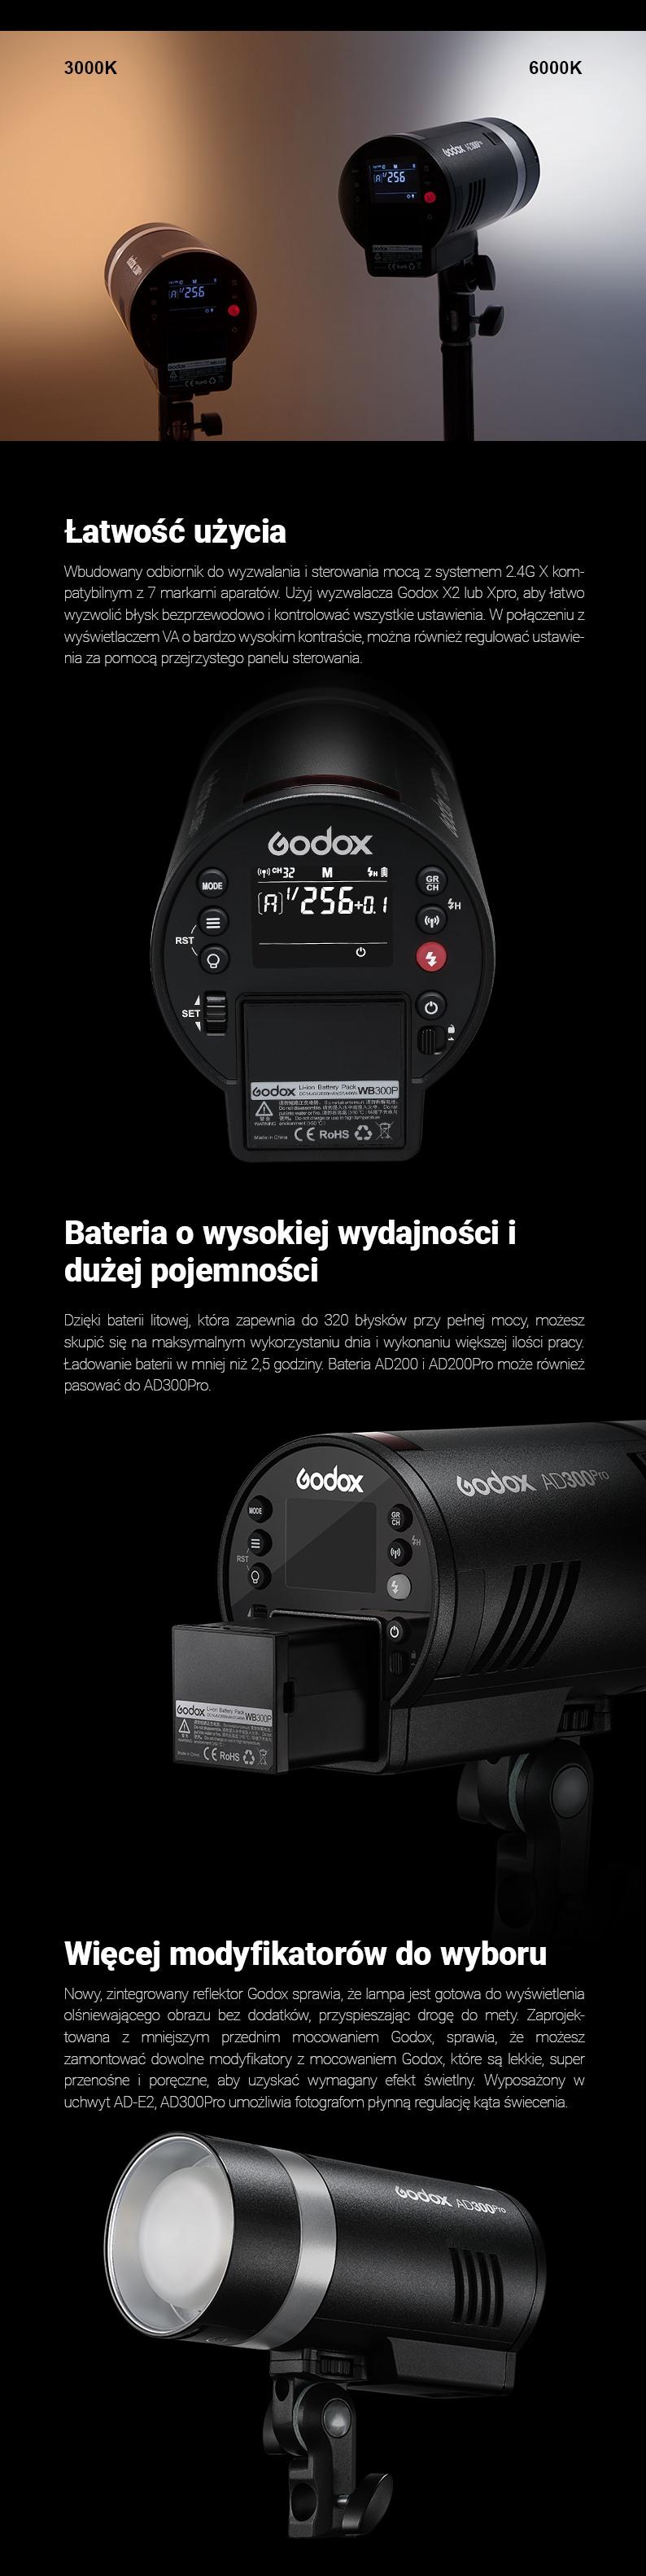 Godox AD300Pro. 3000K-6000K. Łatwość użycia. Bateria o wysokiej wydajności i dużej pojemności. Więcej modyfikatorów do wyboru.